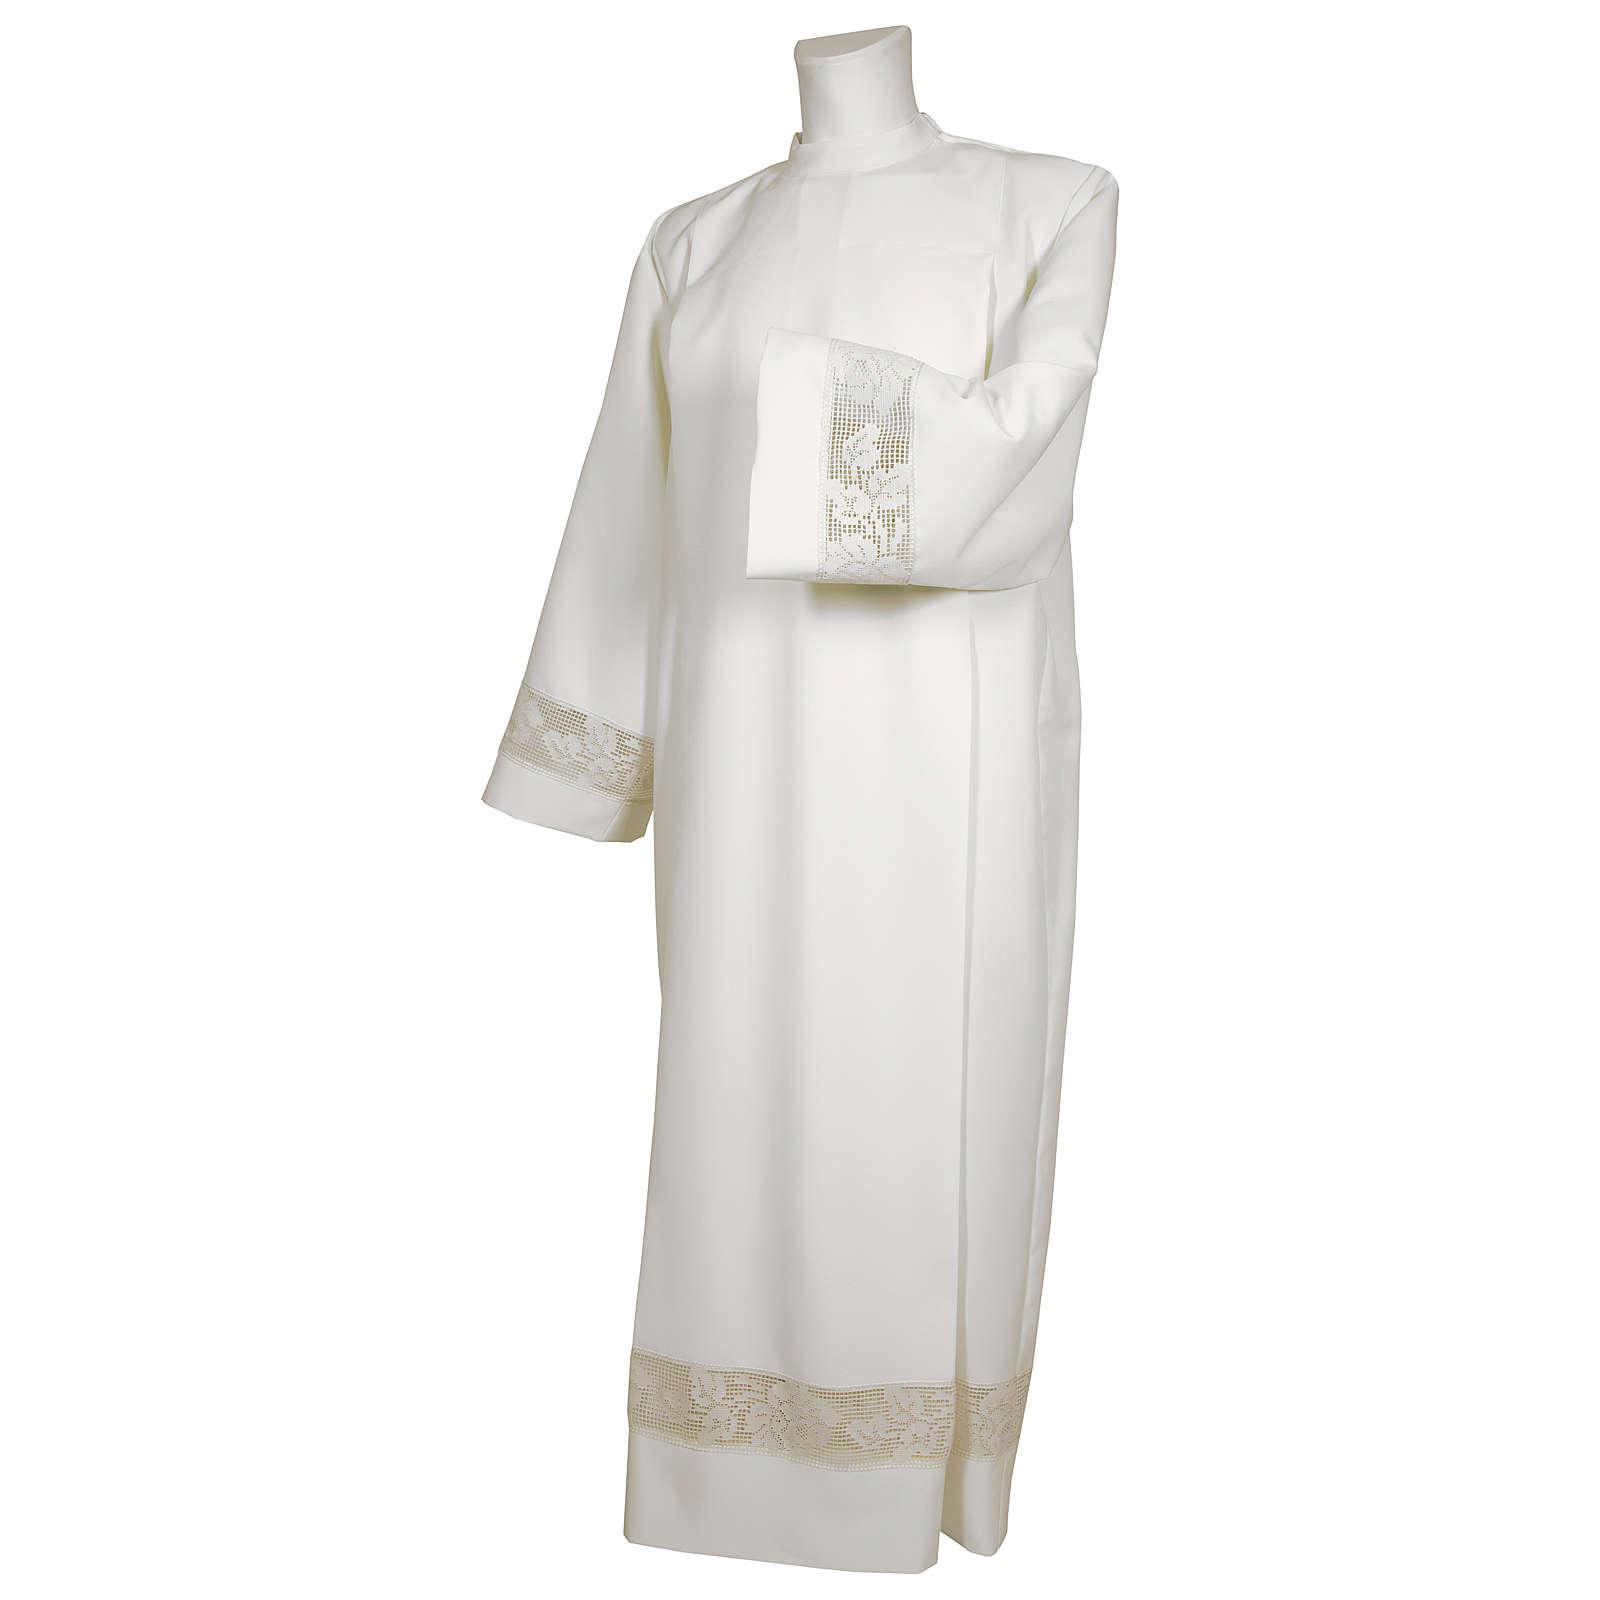 Camice bianco 65% poliestere 35% cotone tramezzo merletto dorato cerniera spalla 4